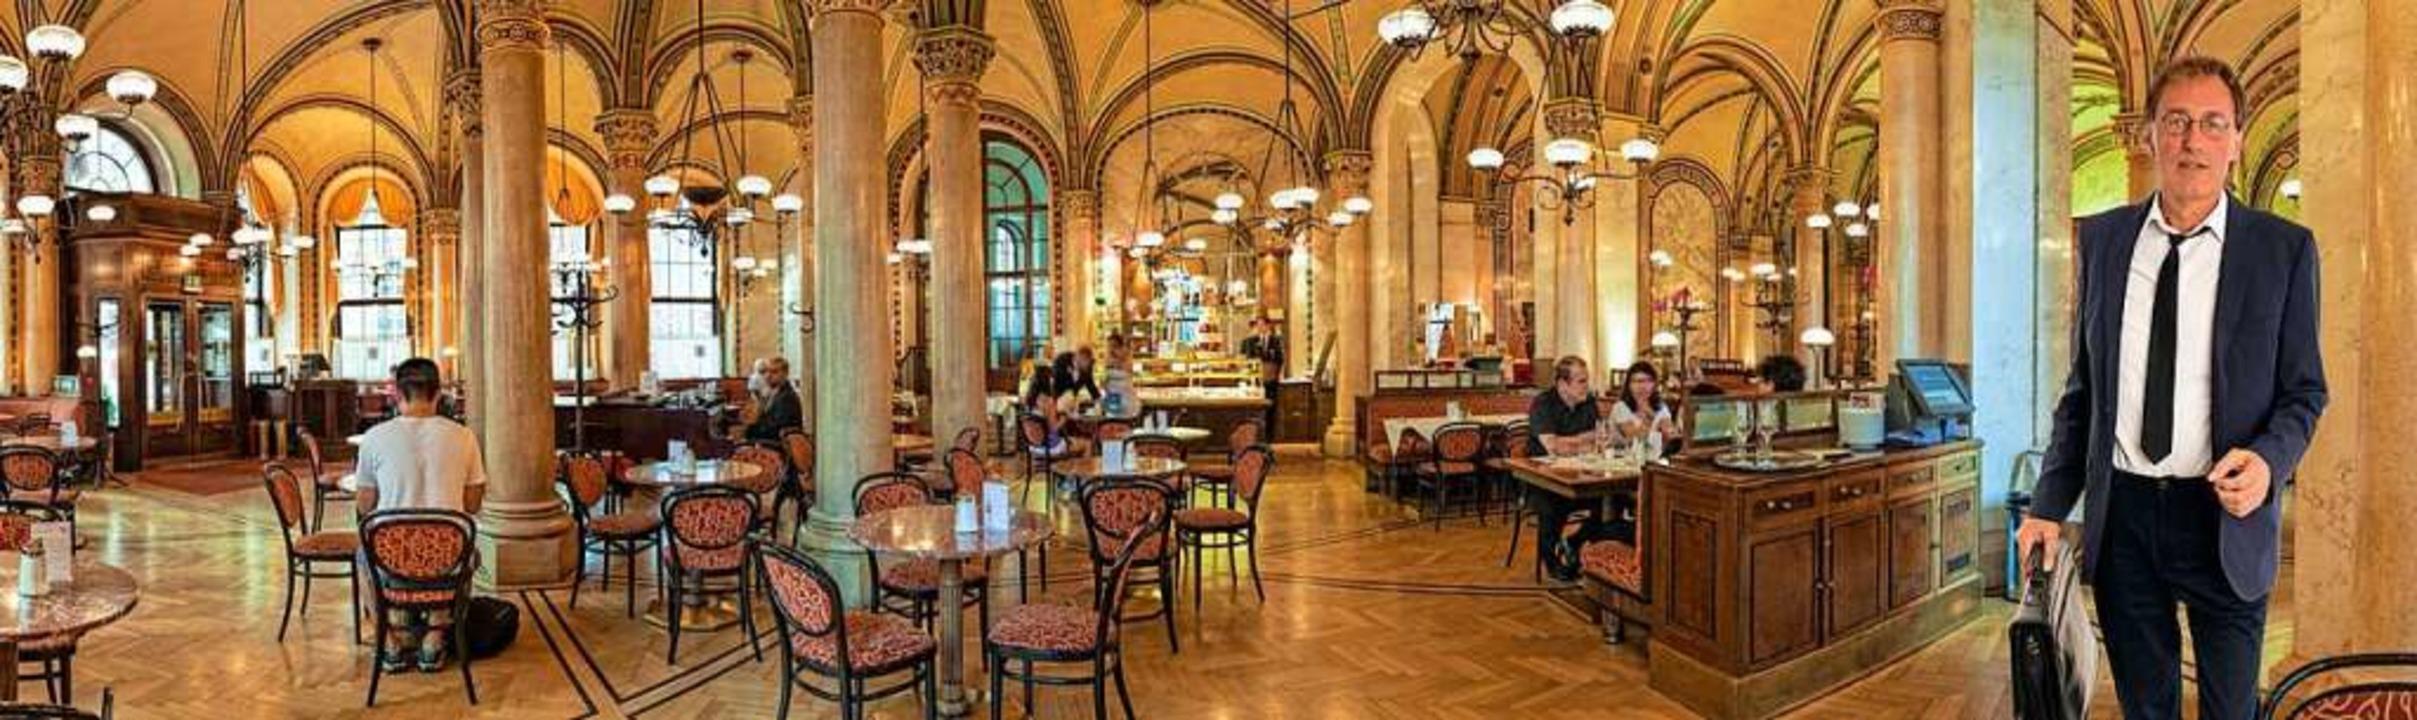 Kaffeevielfalt, süße und salzige Klein...ehenwerden: das Café Central in Wien.   | Foto: Foto: Rolf Fischer (stock.adobe.com)